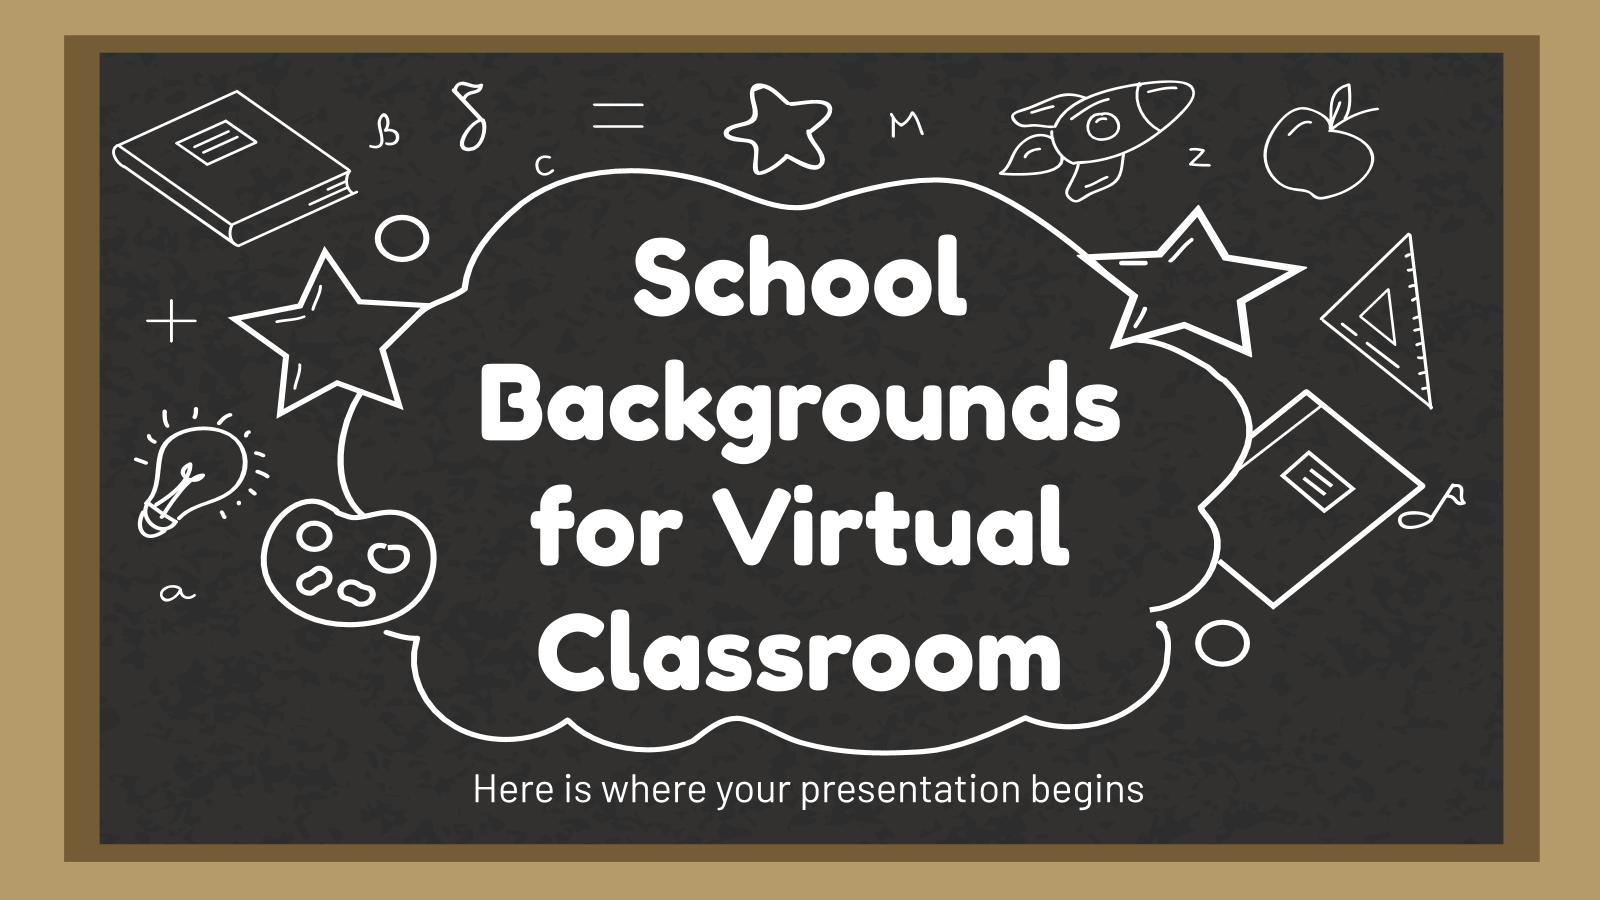 Plantilla de presentación Fondos escolares para aulas virtuales